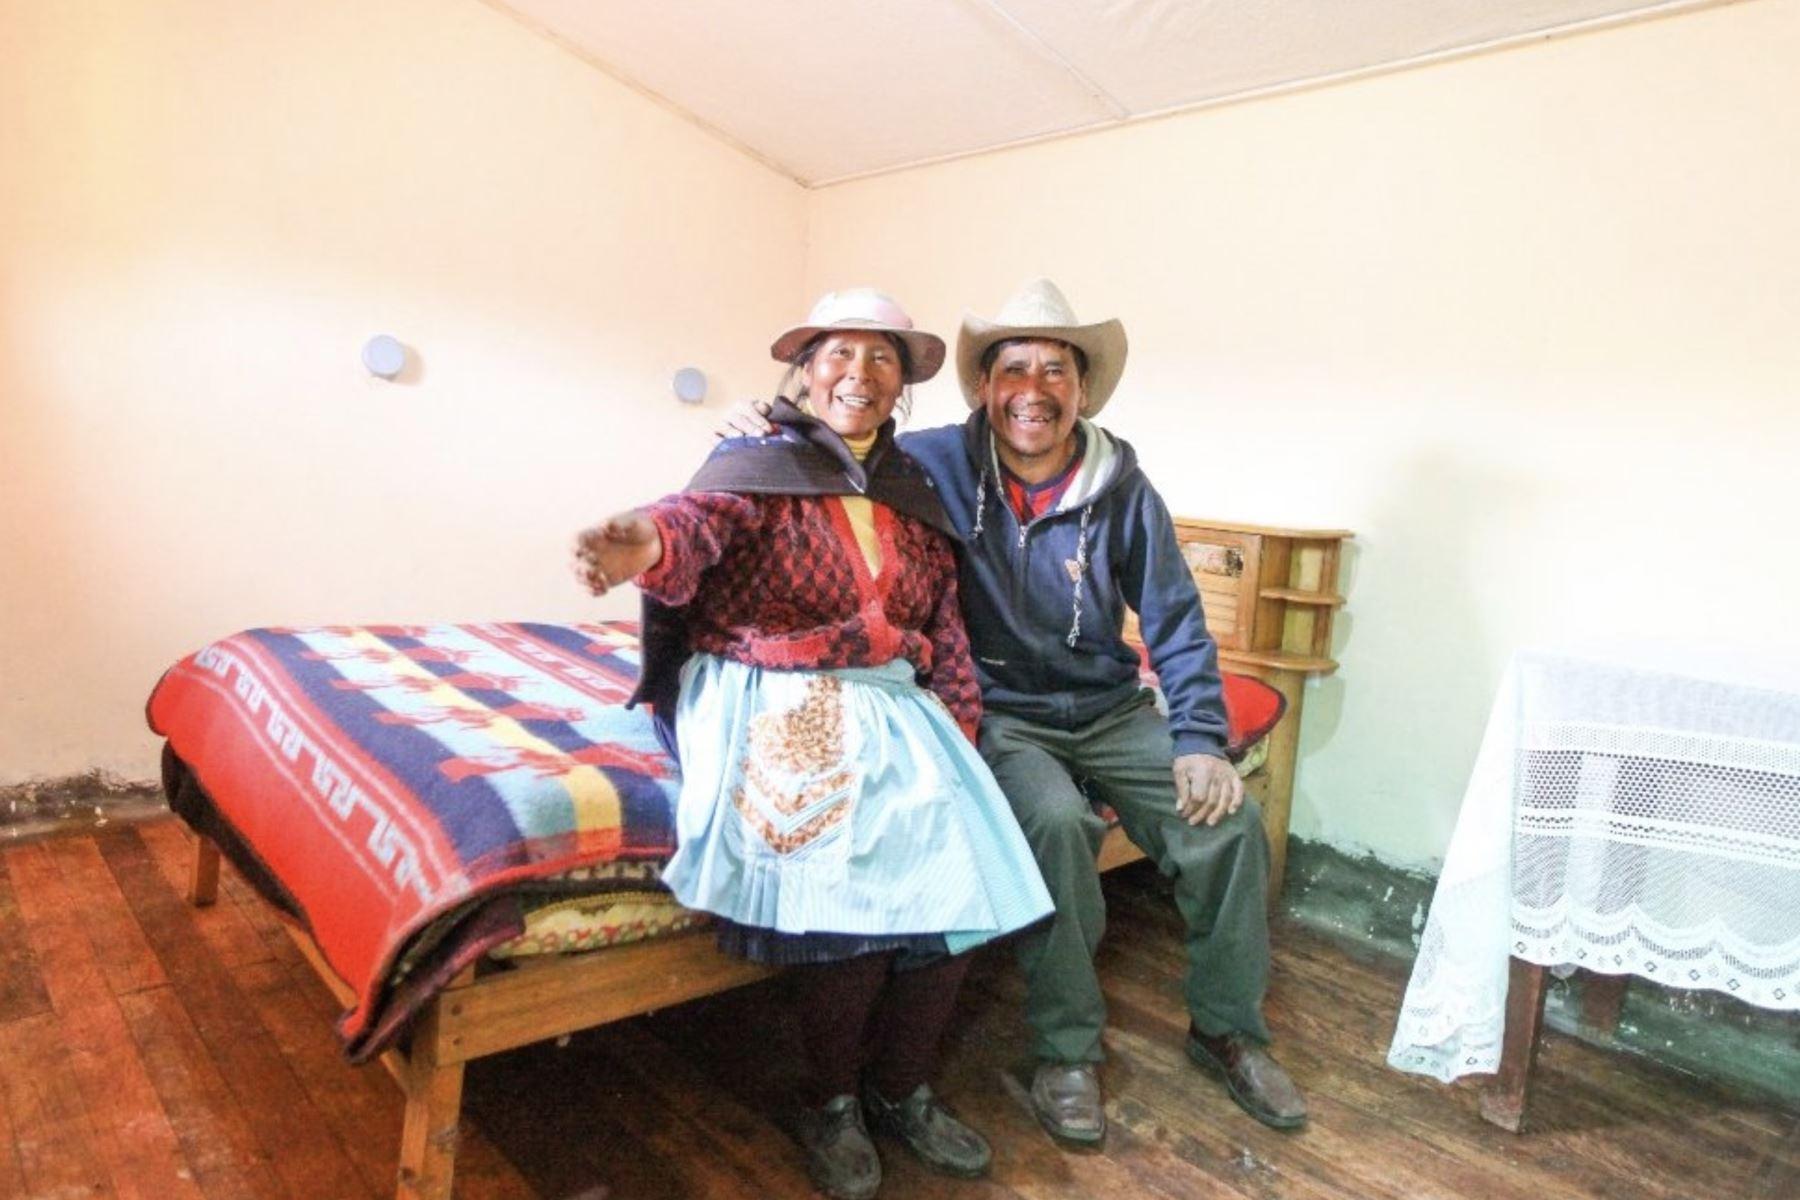 Centro poblado Hornobamba donde se realizan obras del proyecto MiAbrigo en el que favorece a las familias en situación de pobreza y pobreza extrema. Foto:Difusión Midis